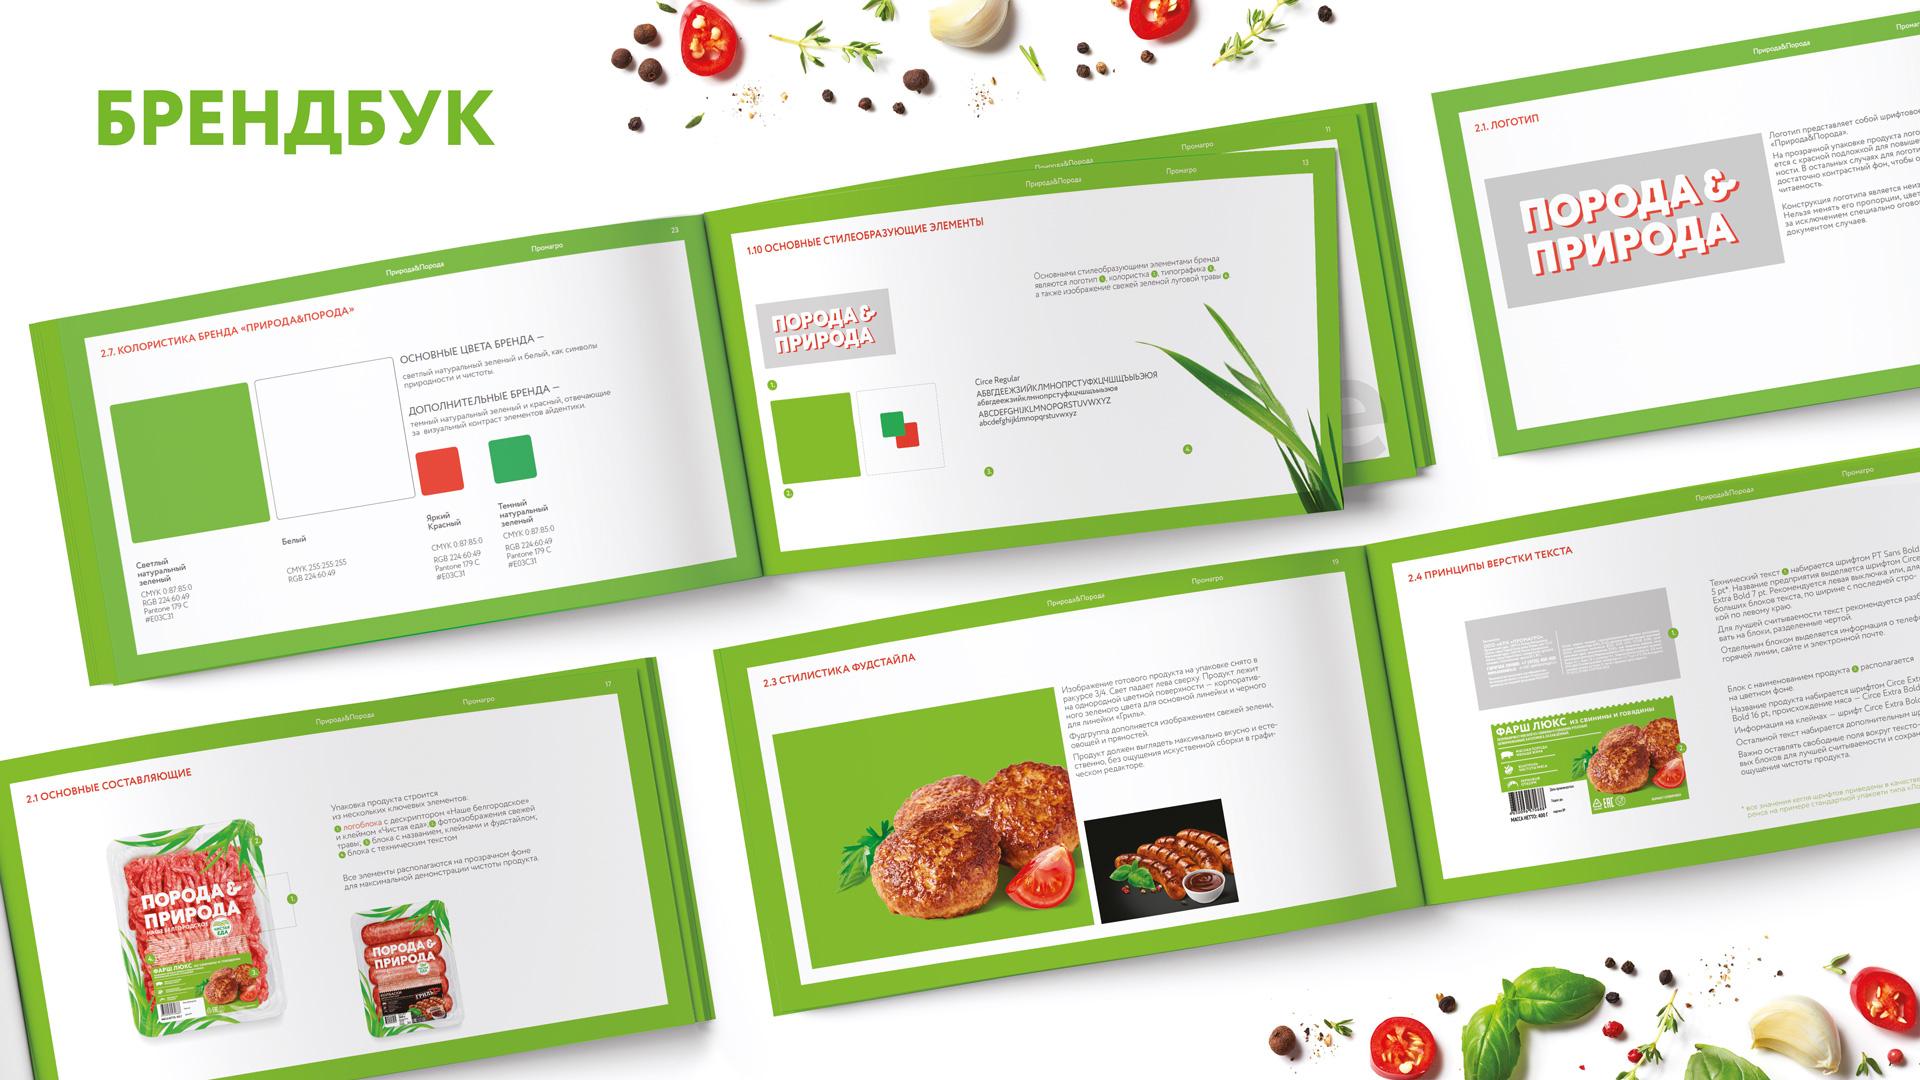 Разработка брендбука для бренда Порода&Природа